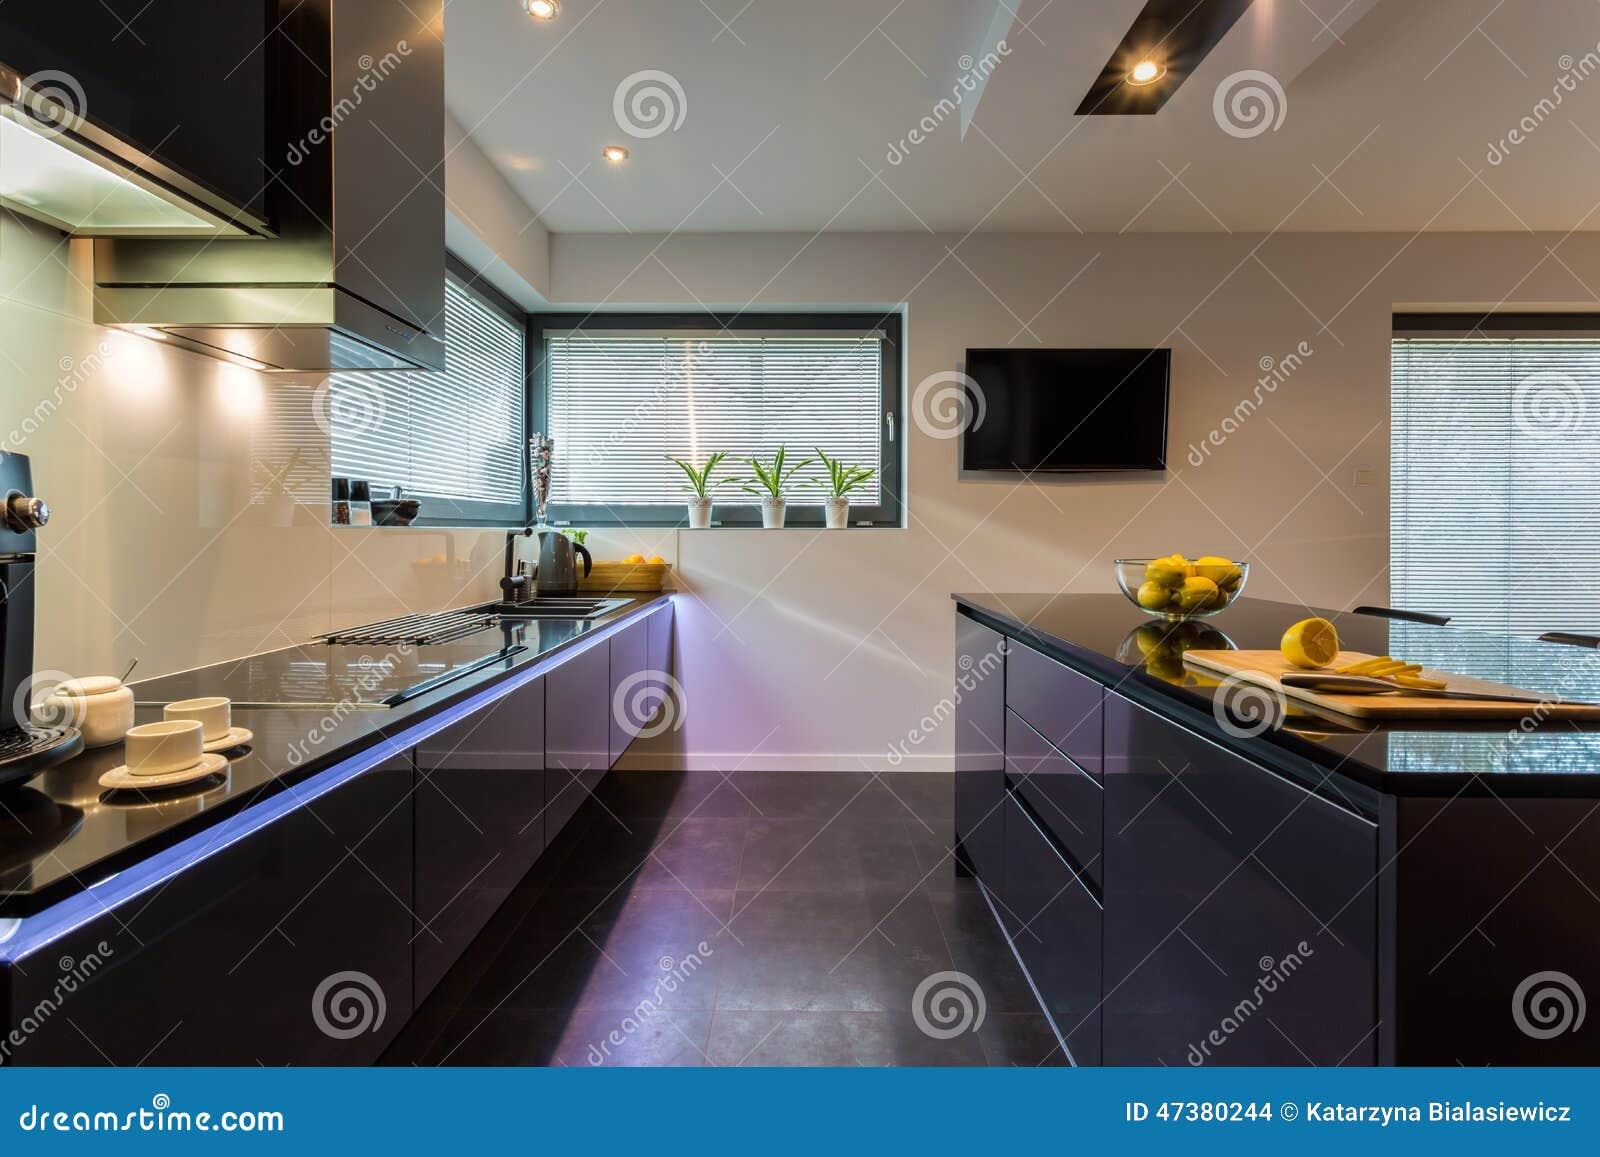 dunkle möbel in der küche stockfoto - bild: 47380244 - Dunkle Kche